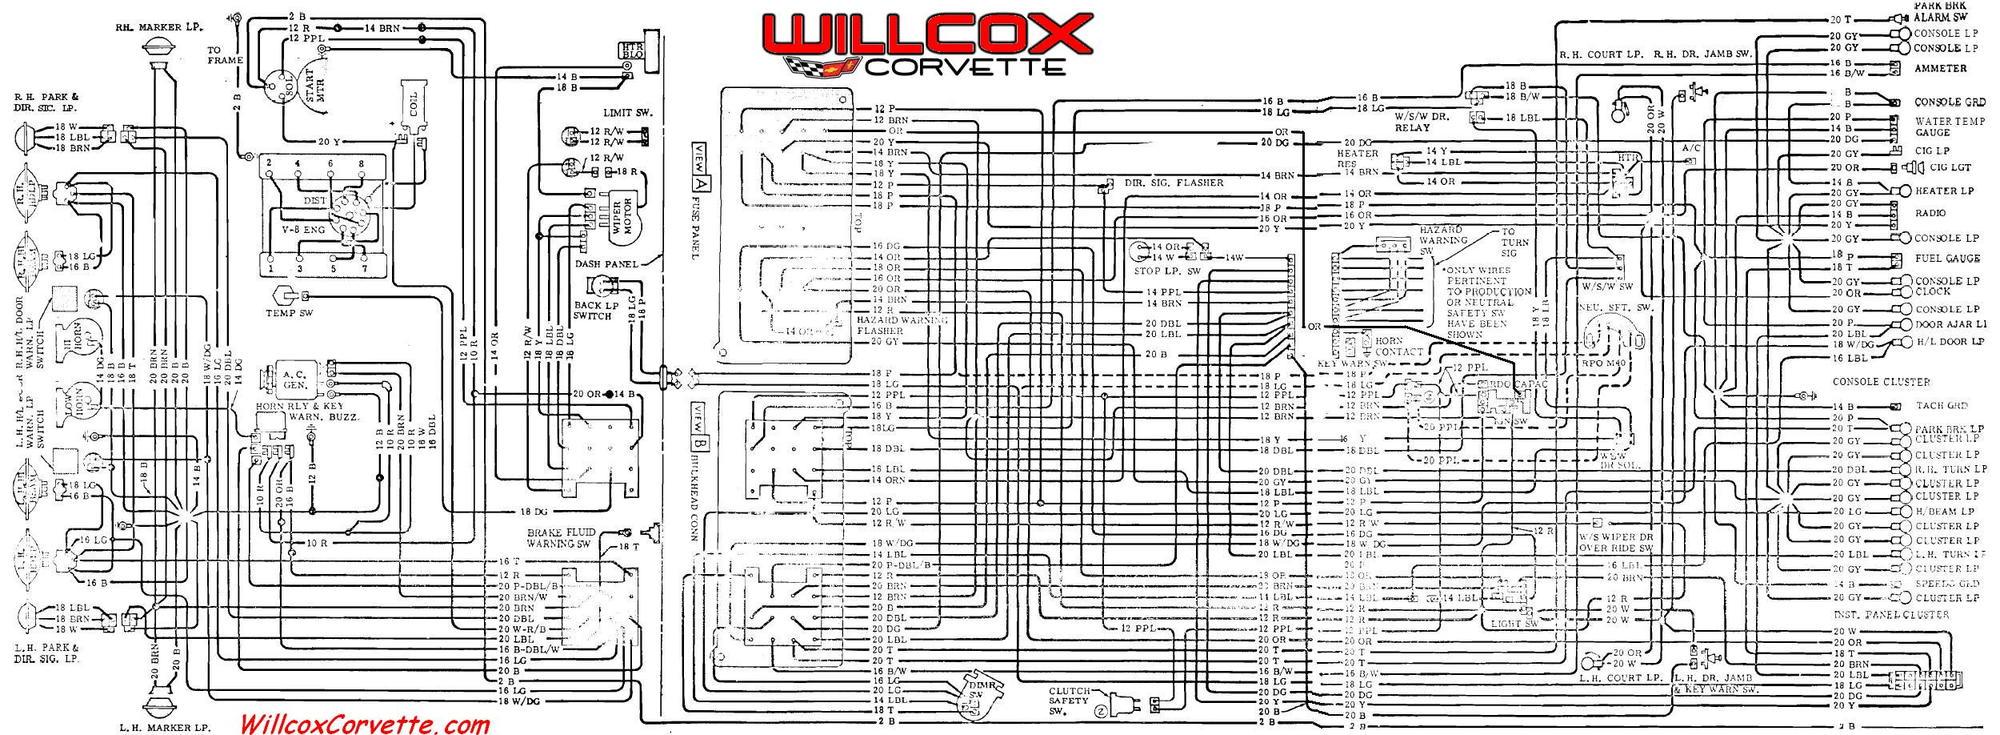 69 C3 Wiring Diagram Corvetteforum Chevrolet Corvette Forum Discussion